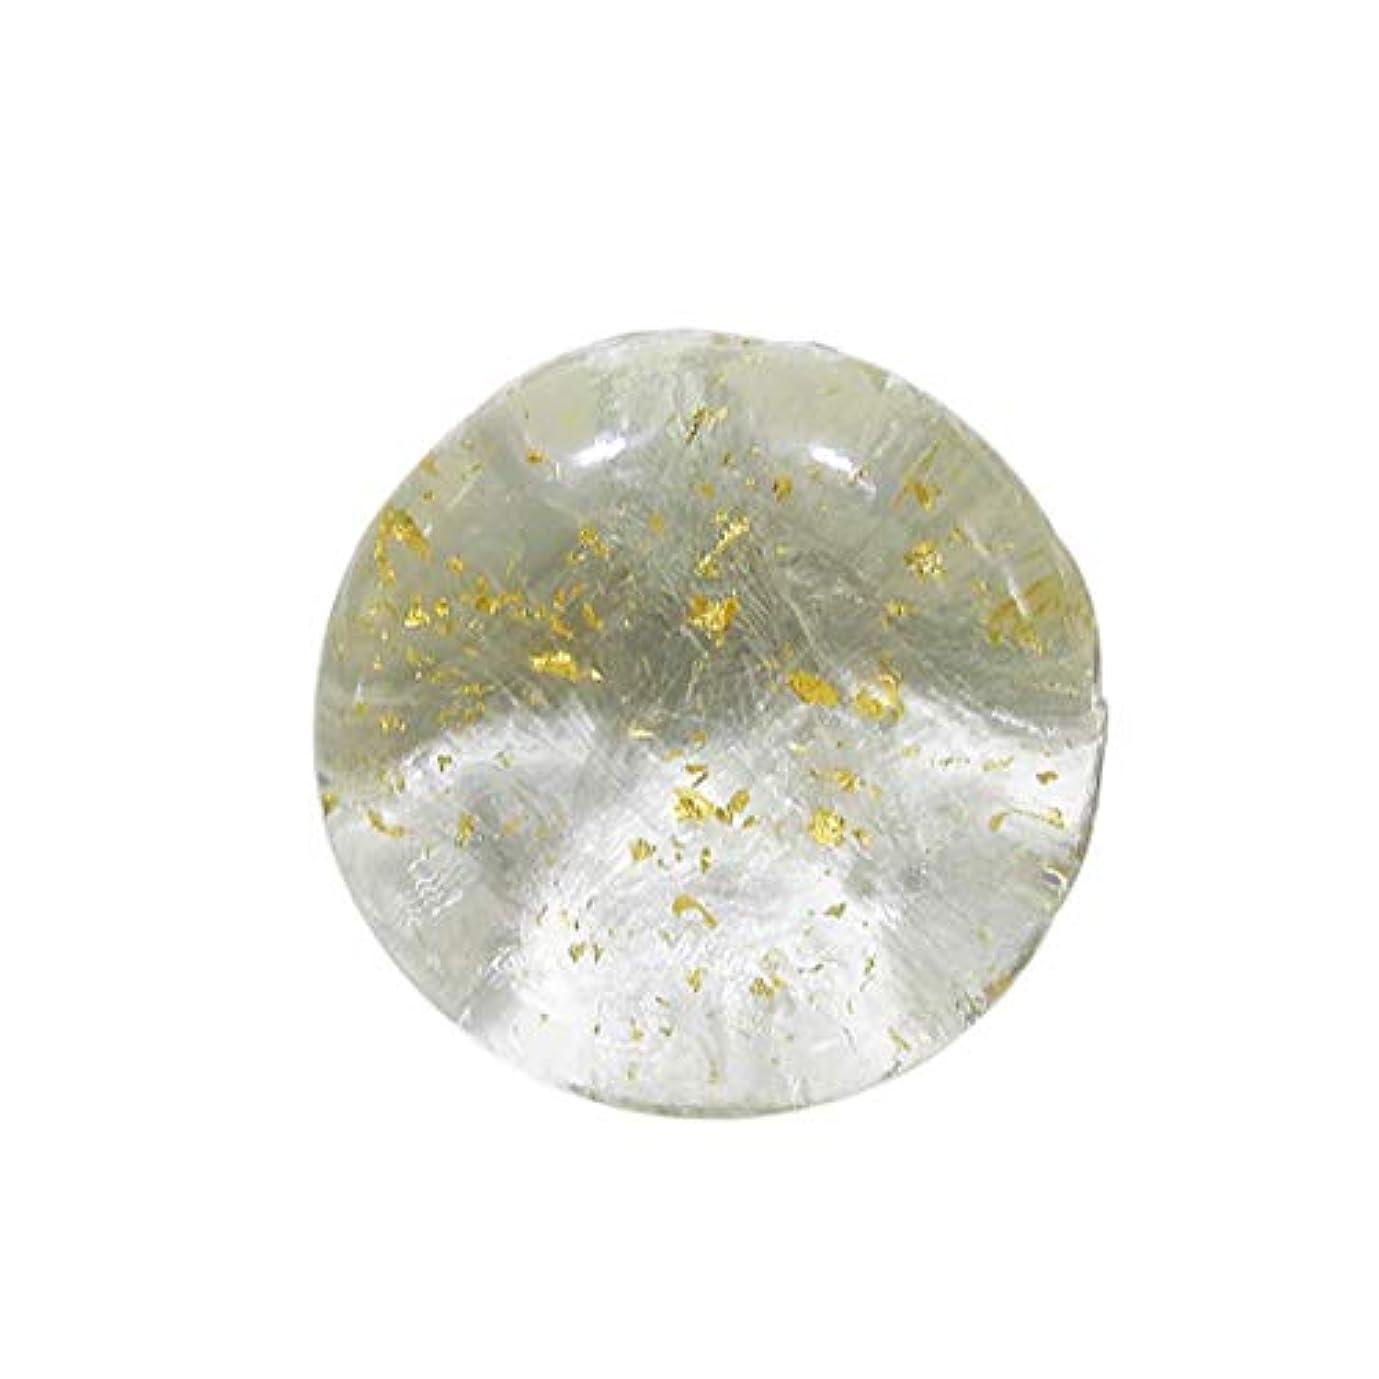 わざわざ溶岩有限石鹸 洗顔せっけん アミノ酸 天然の手作り石鹸 保湿 ディープクリーニング 肌の色合いを明るくする Cutelove